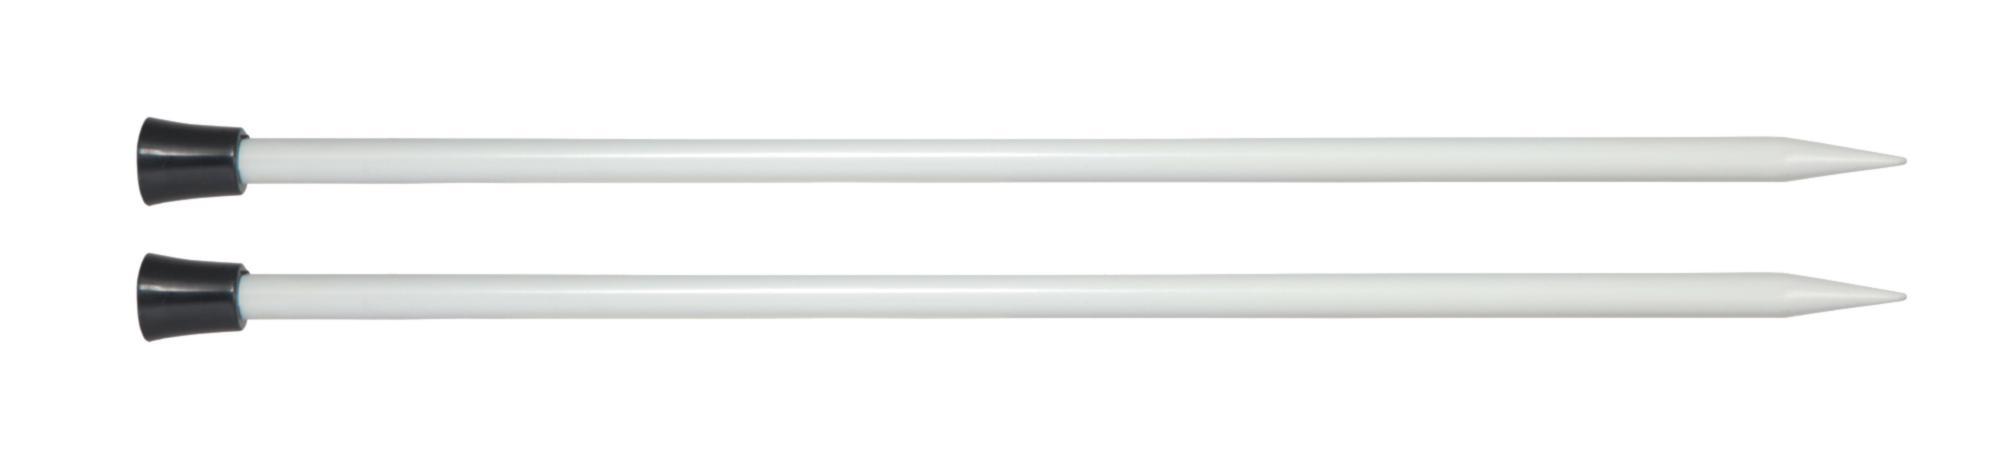 Спицы прямые 25 см Basix Aluminium KnitPro, 45204, 4.00 мм